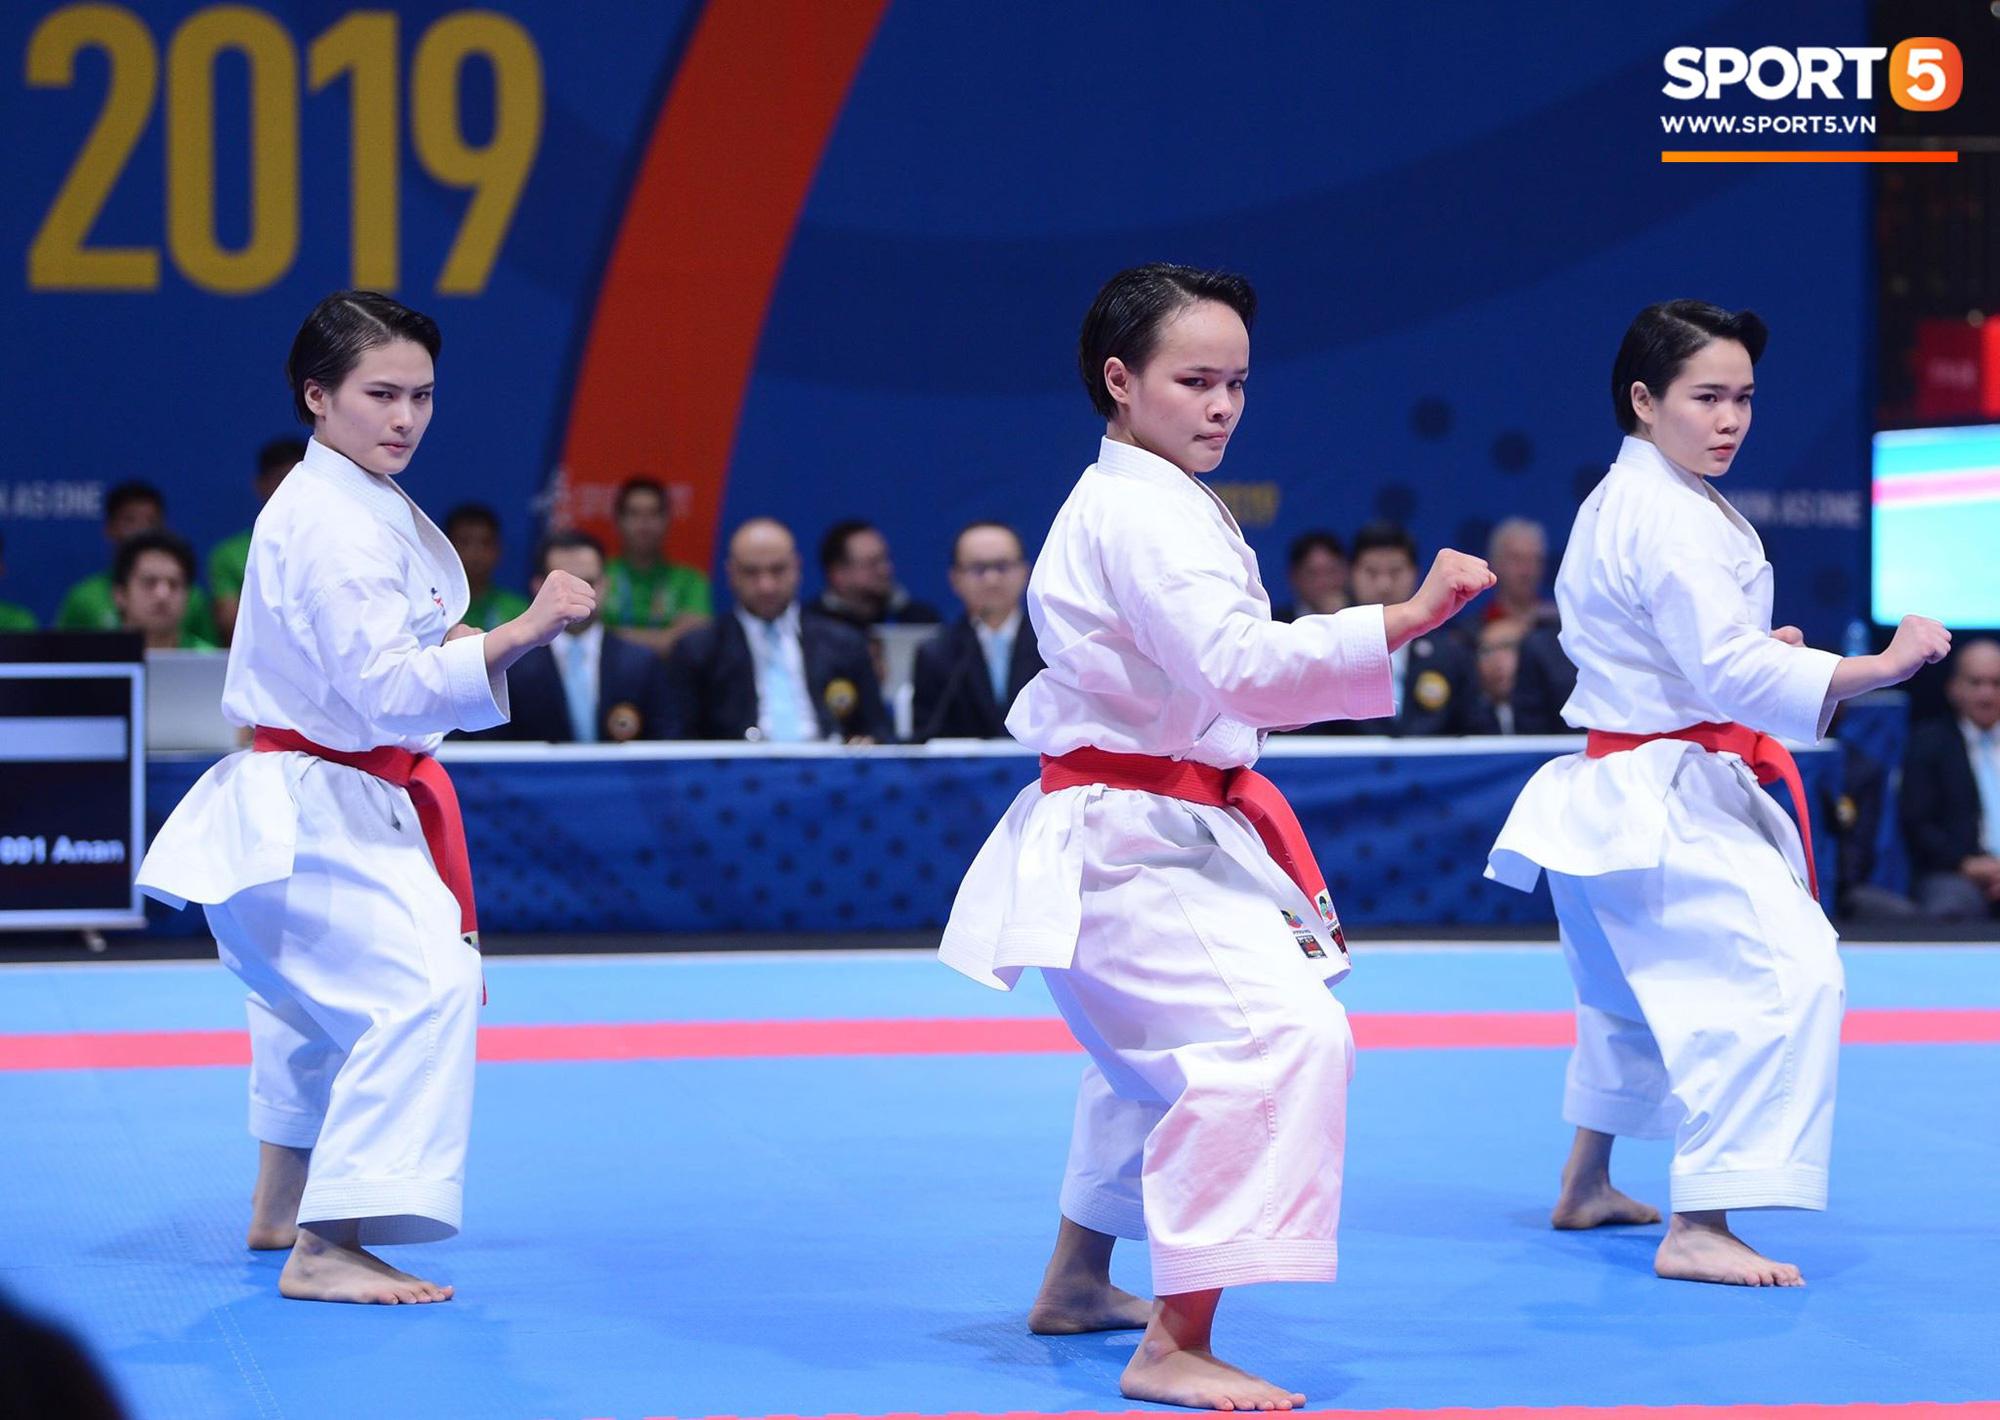 SEA Games ngày 8/12: Nữ hoàng điền kinh Tú Chinh vượt 2 VĐV nhập tịch trong tích tắc, xuất sắc giành HCV chung cuộc - Ảnh 68.